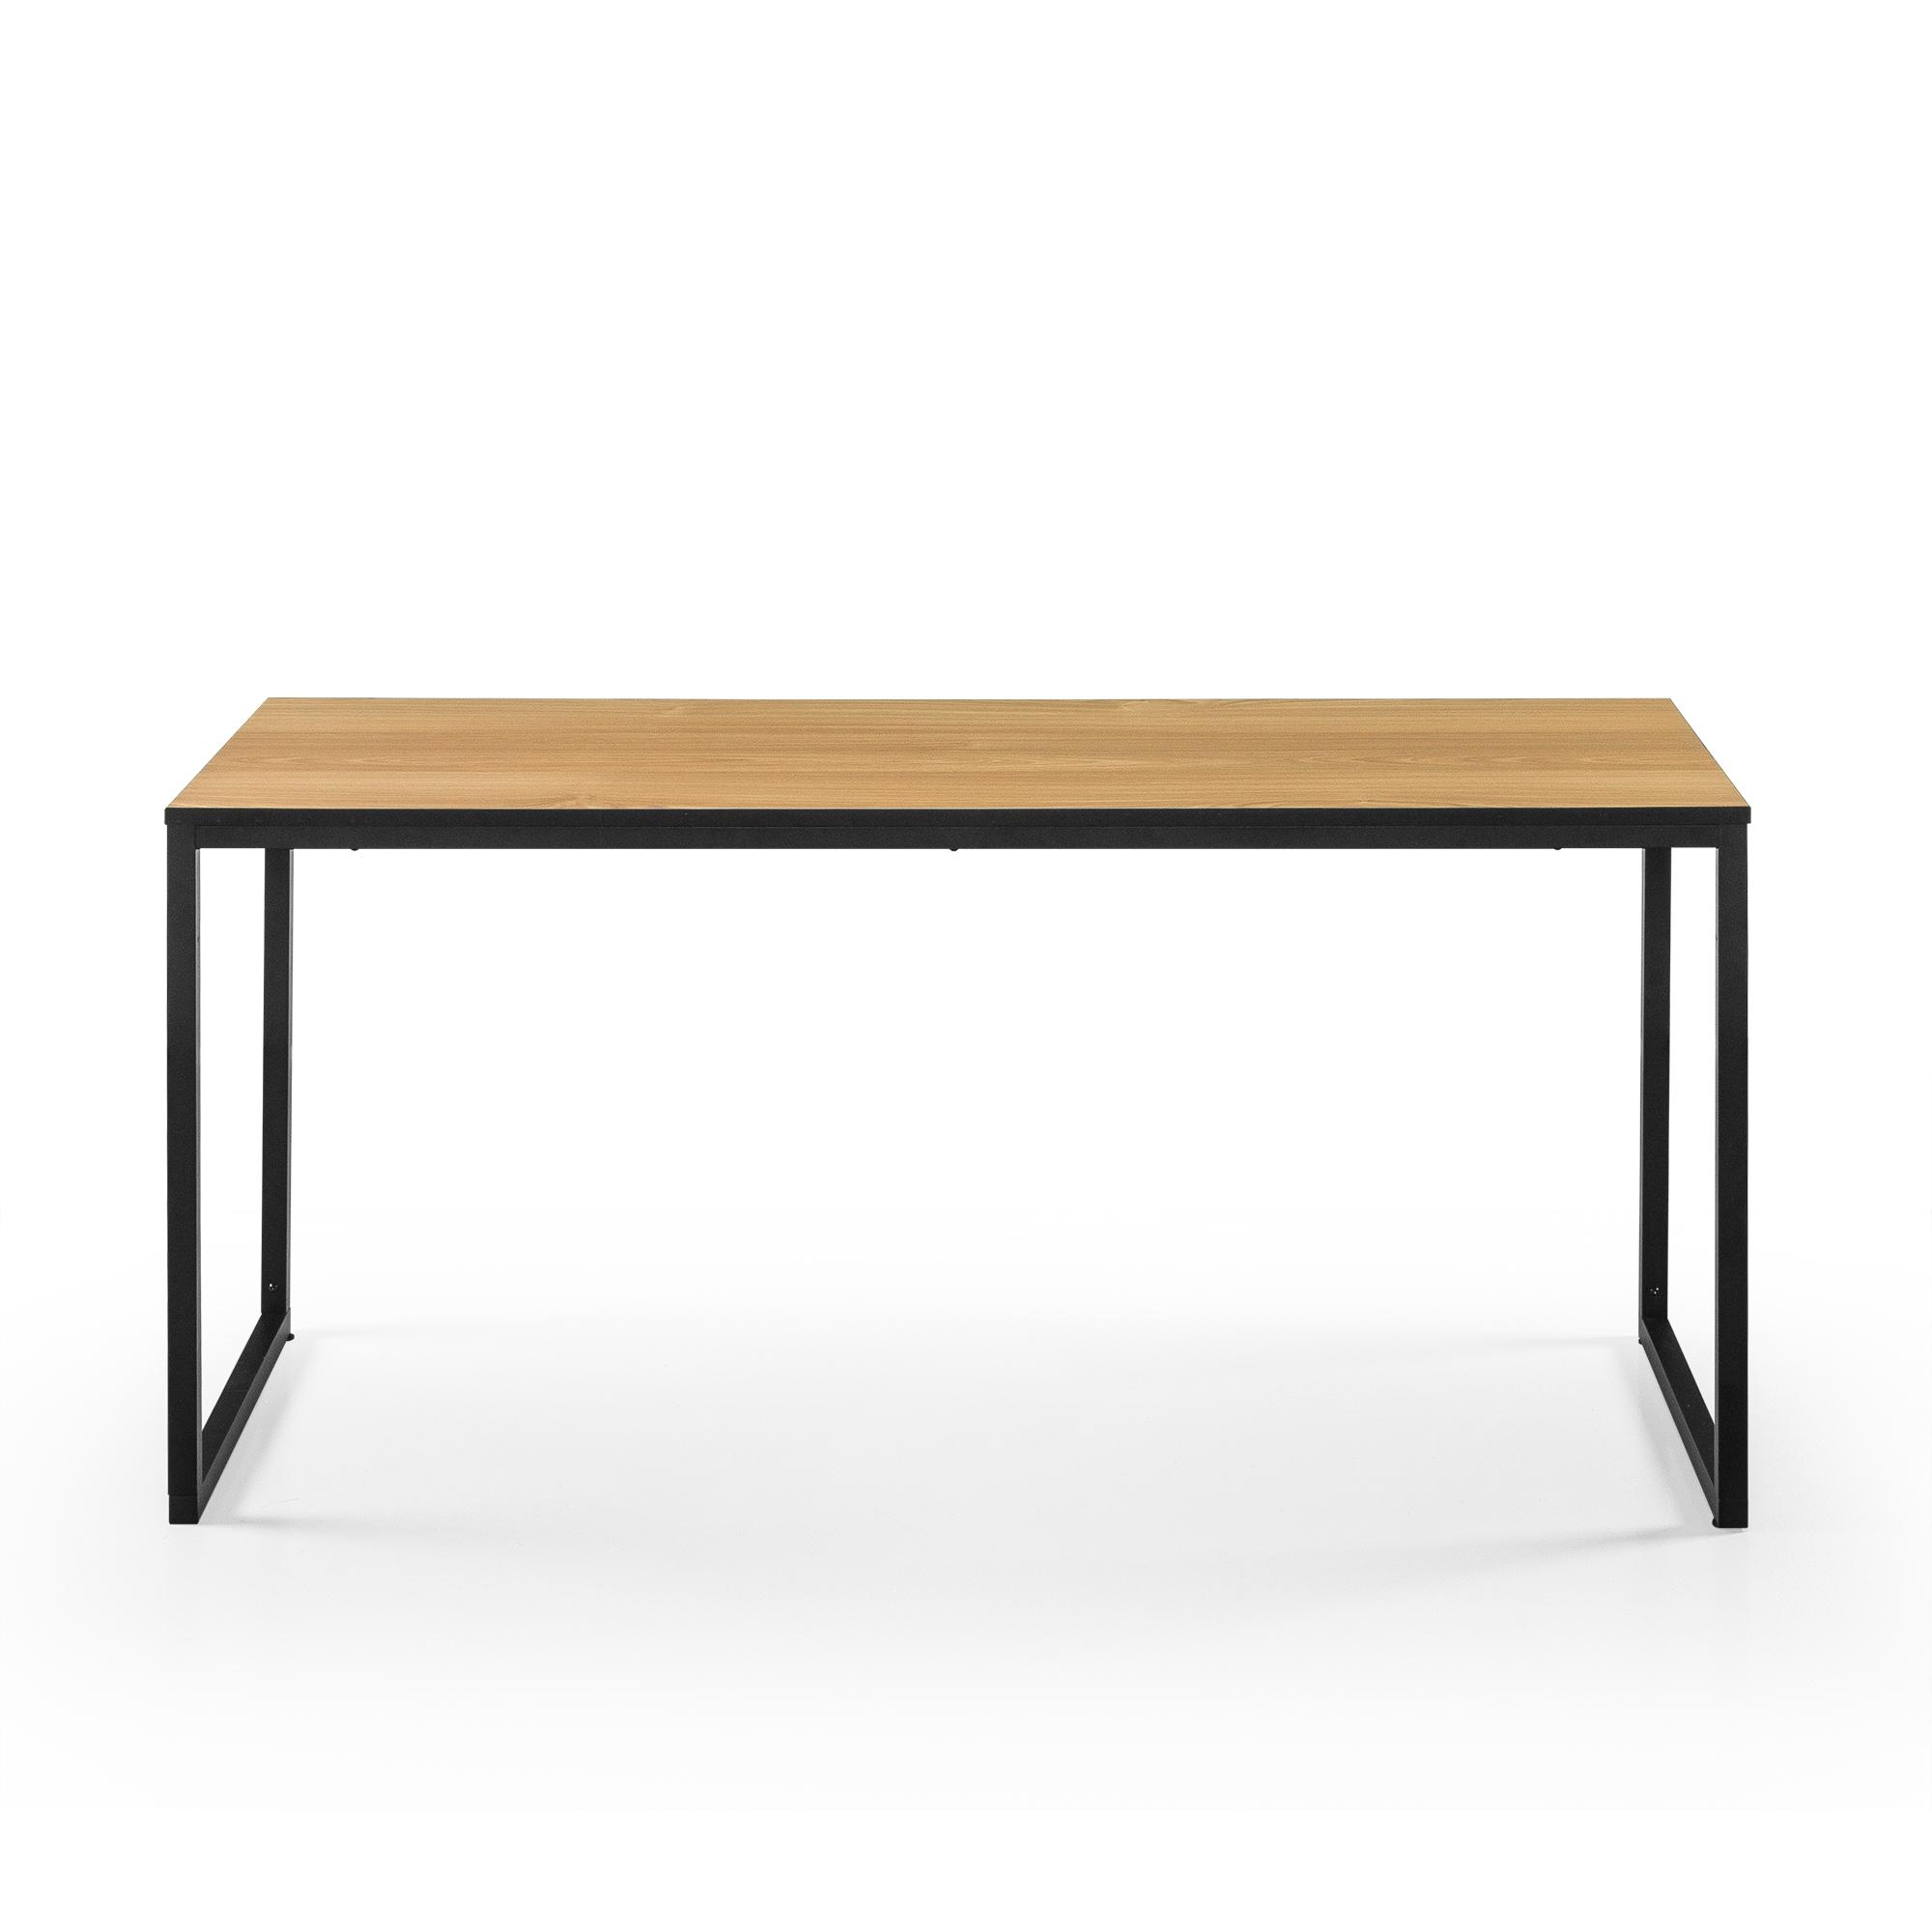 NEW-Harper-Wood-amp-Steel-Desk-Studio-Home-Desks thumbnail 9